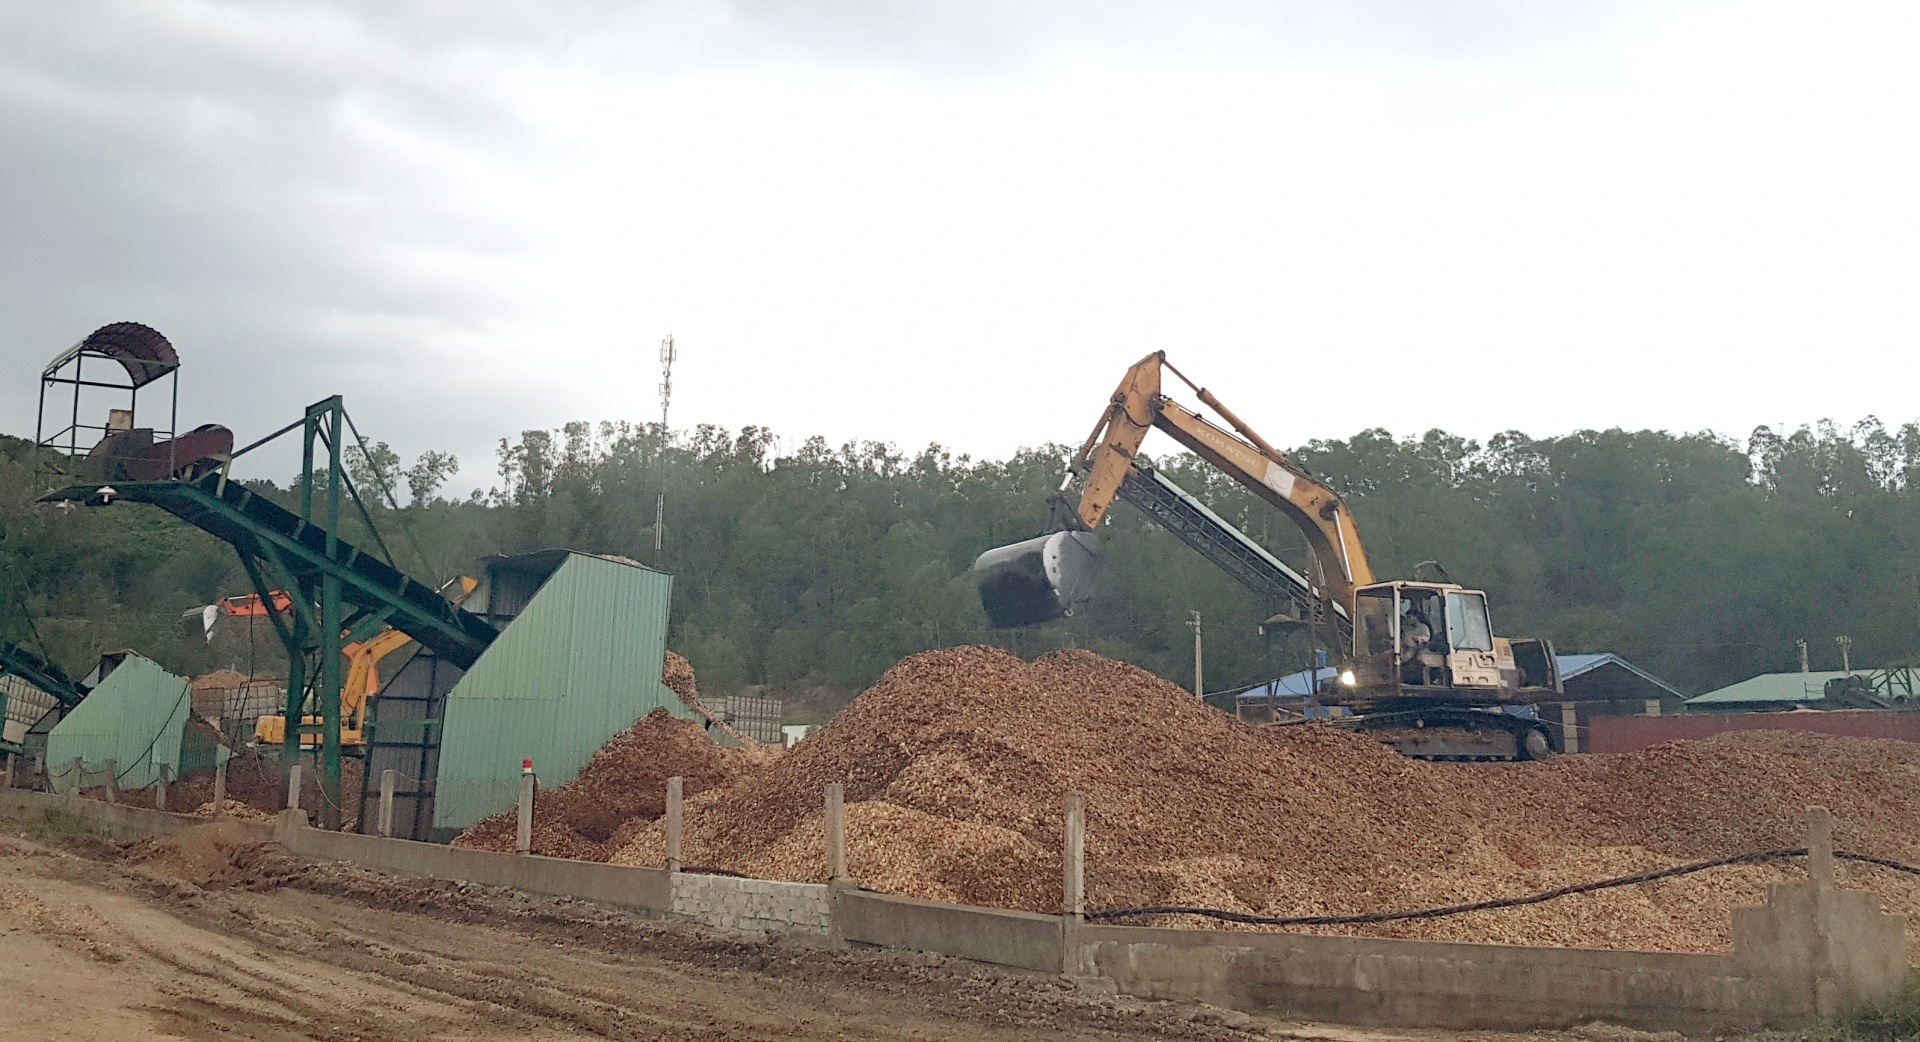 Tĩnh Gia - Thanh Hóa: Cần rà soát lại hoạt động sản xuất, kinh doanh gỗ dăm và kiên quyết xử lý những sai phạm (kỳ 2)